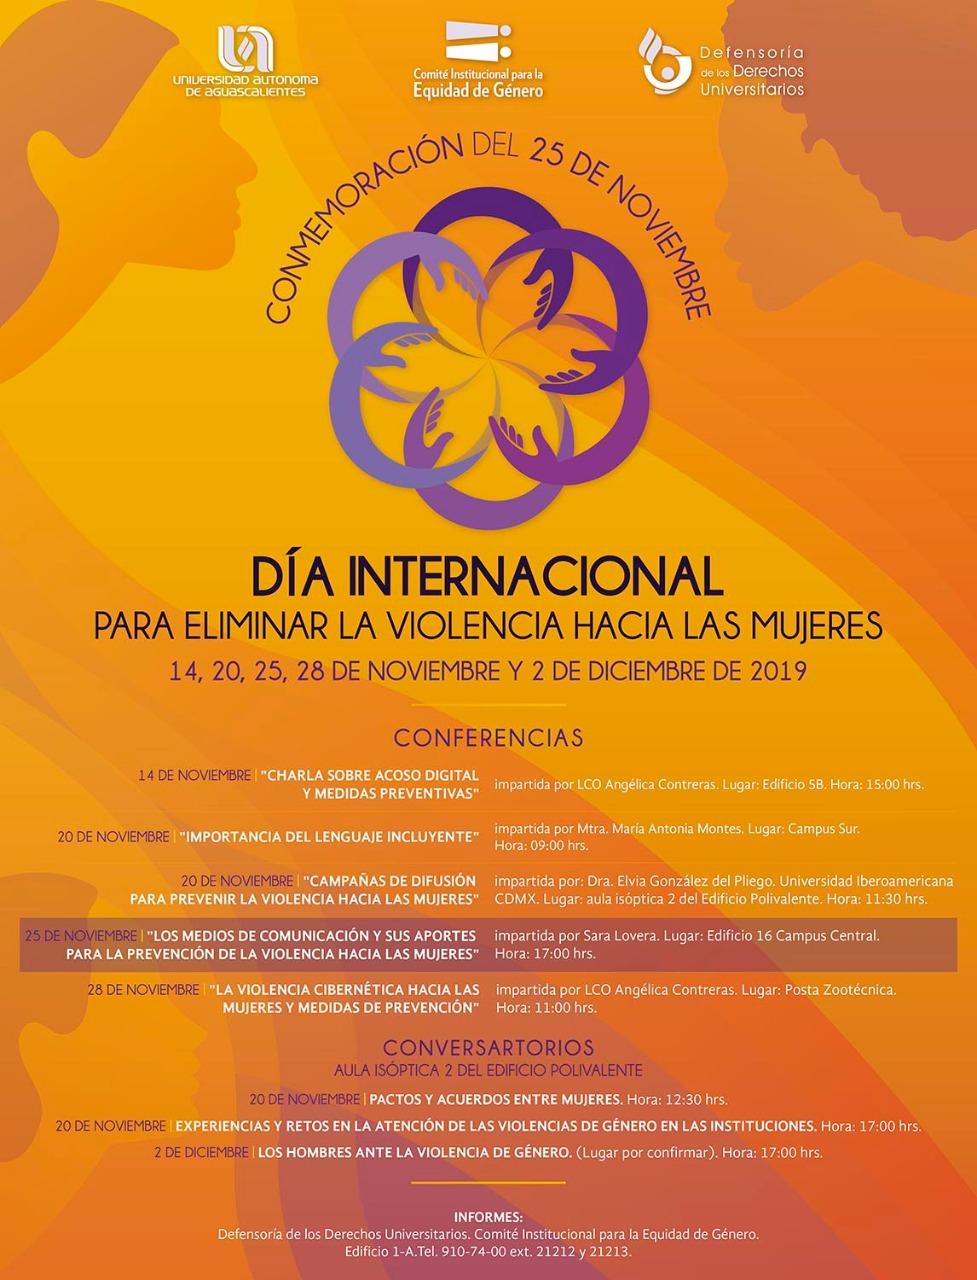 Día internacional para eliminar la violencia hacia las mujeres